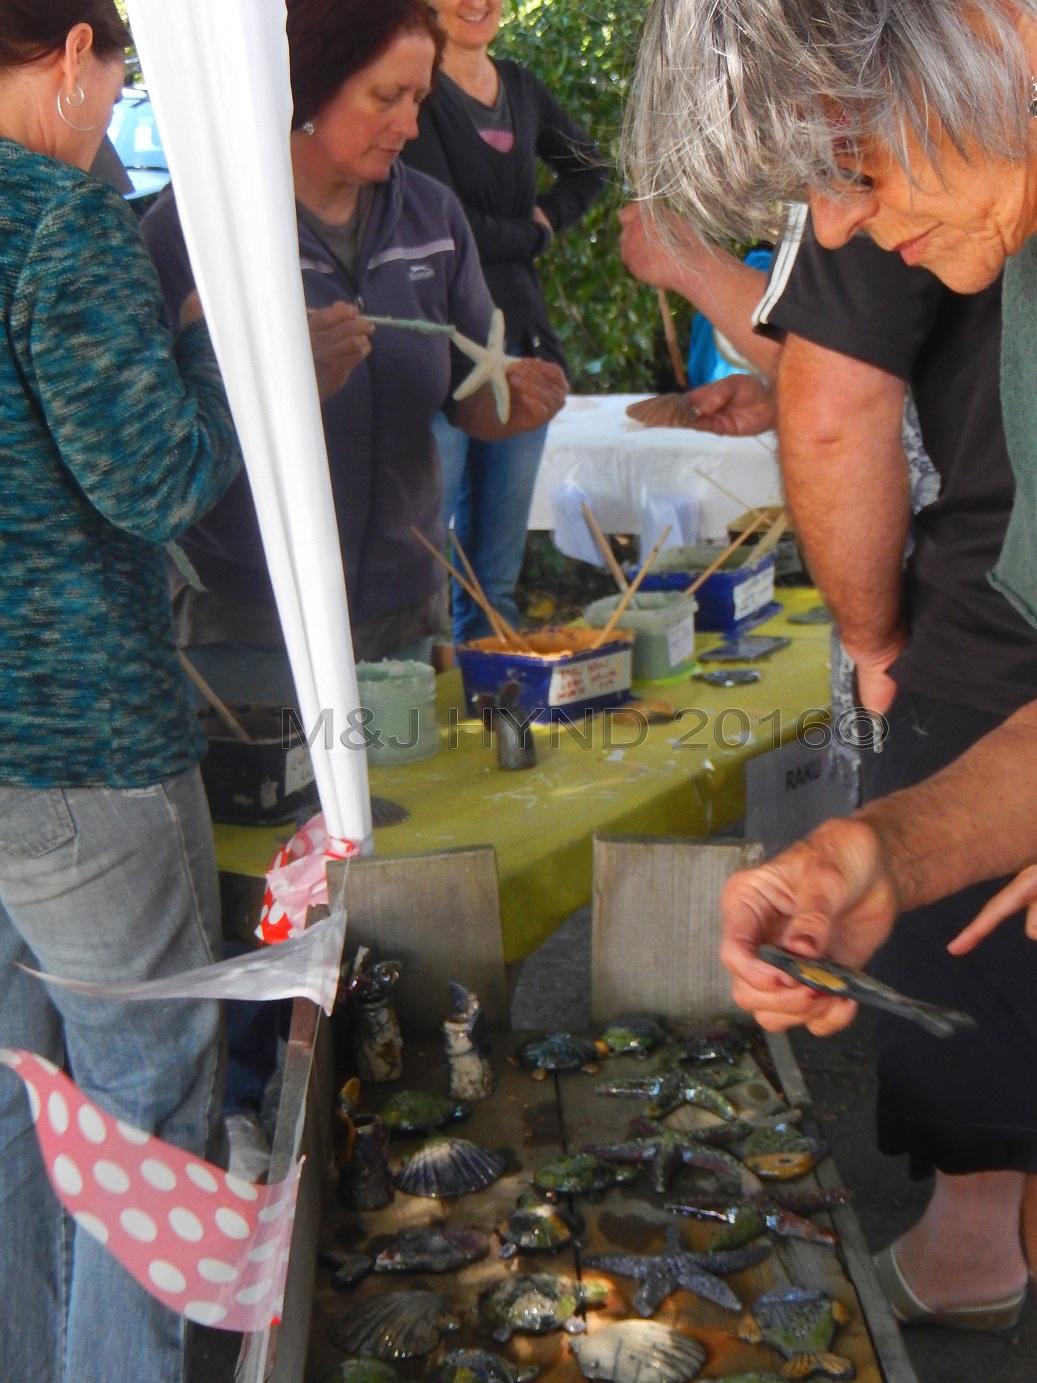 ASP Big Clay Day Out, raku firing, Auckland, NZ